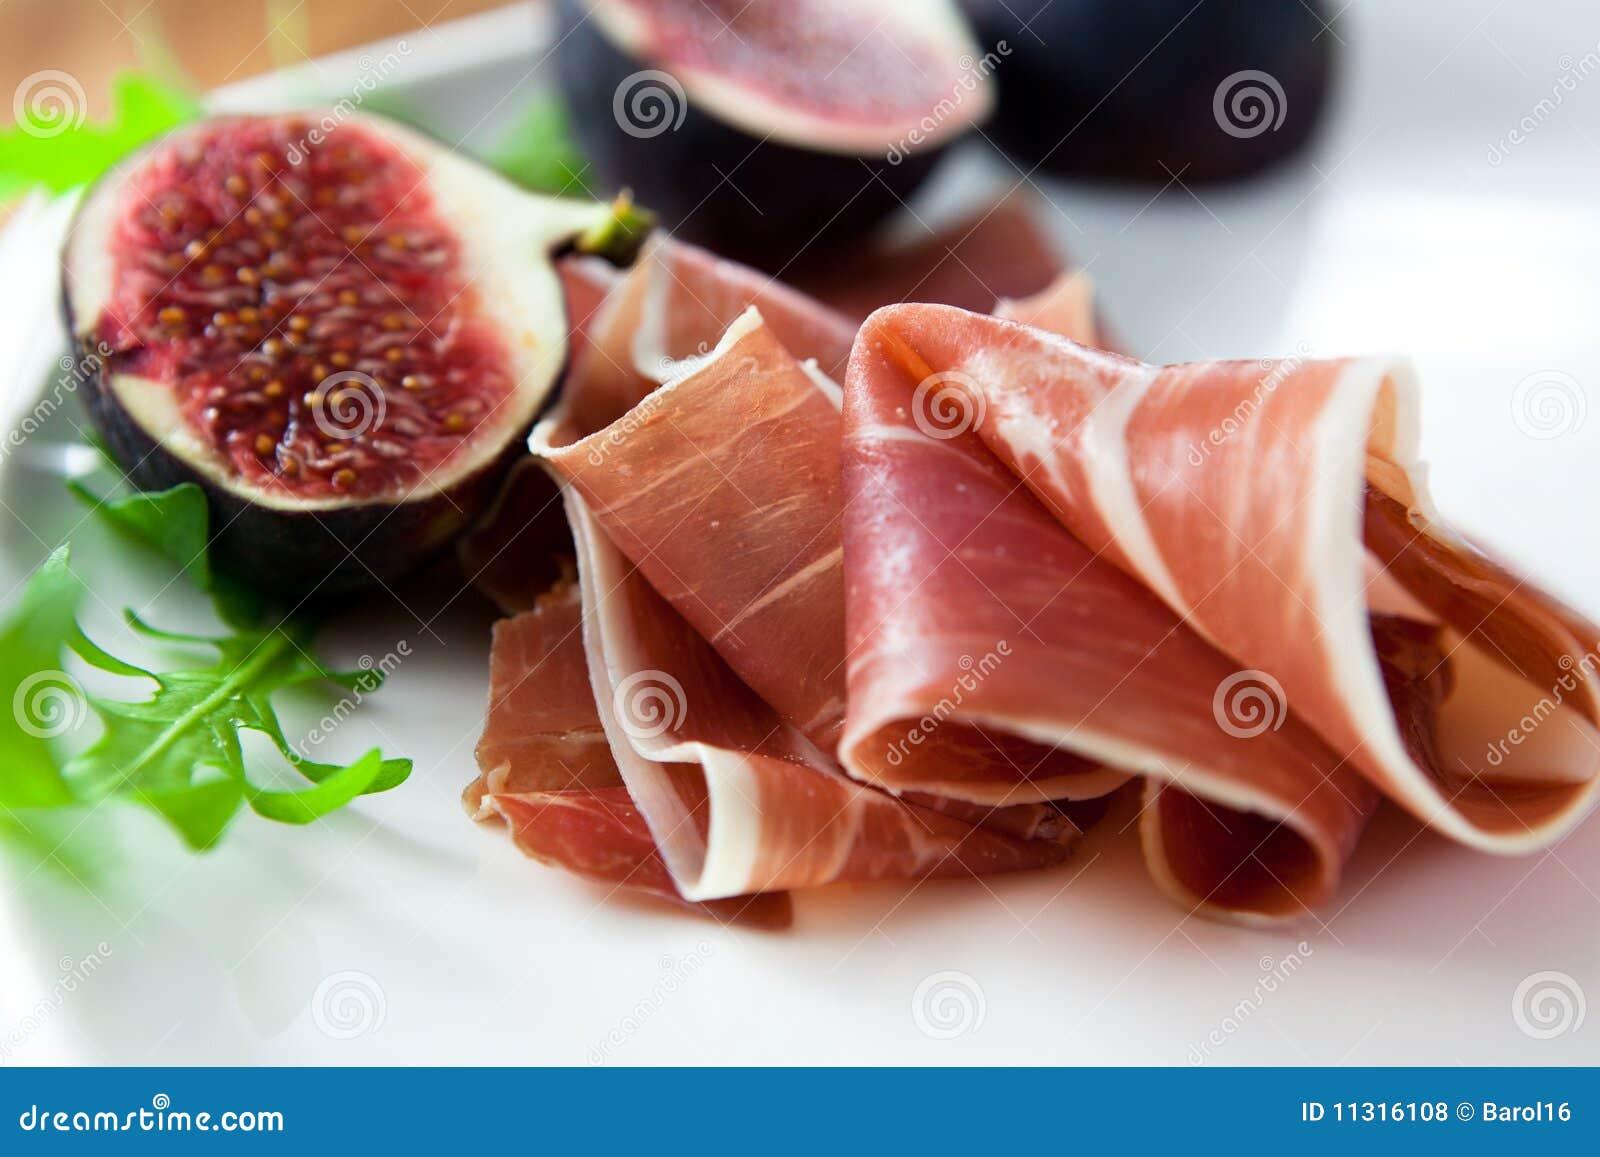 Prosciutto with fresh figs